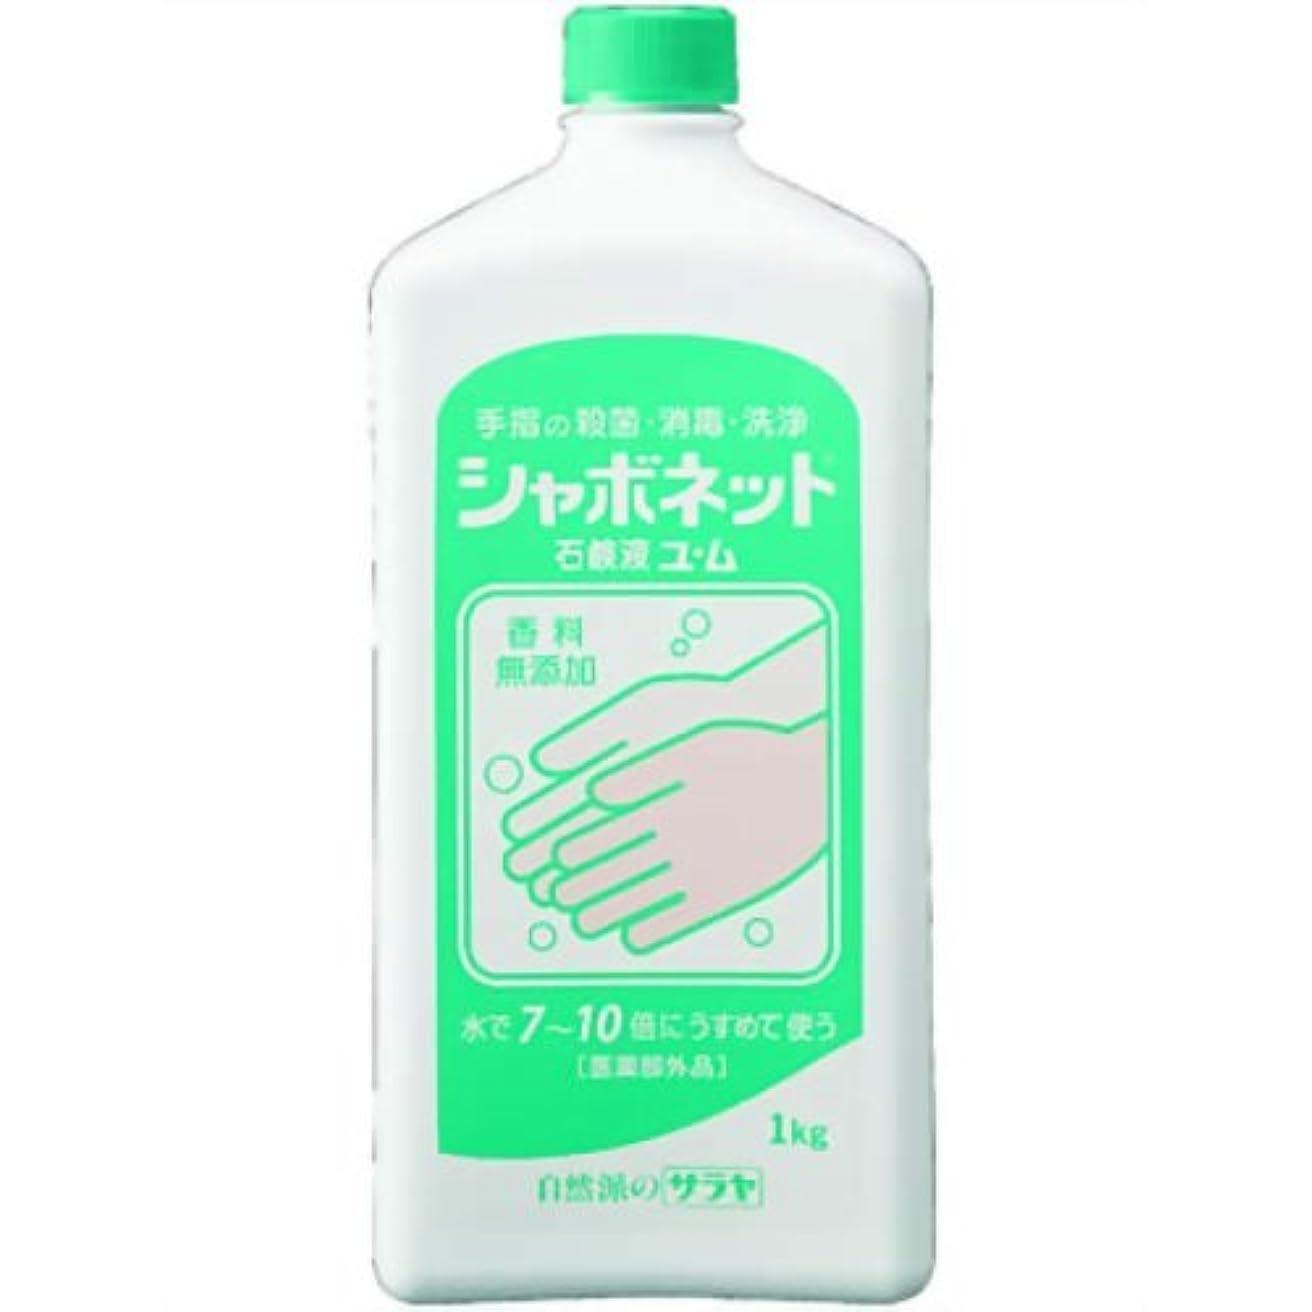 モチーフポルノスキャンシャボネット石鹸液ユ?ム 1kg